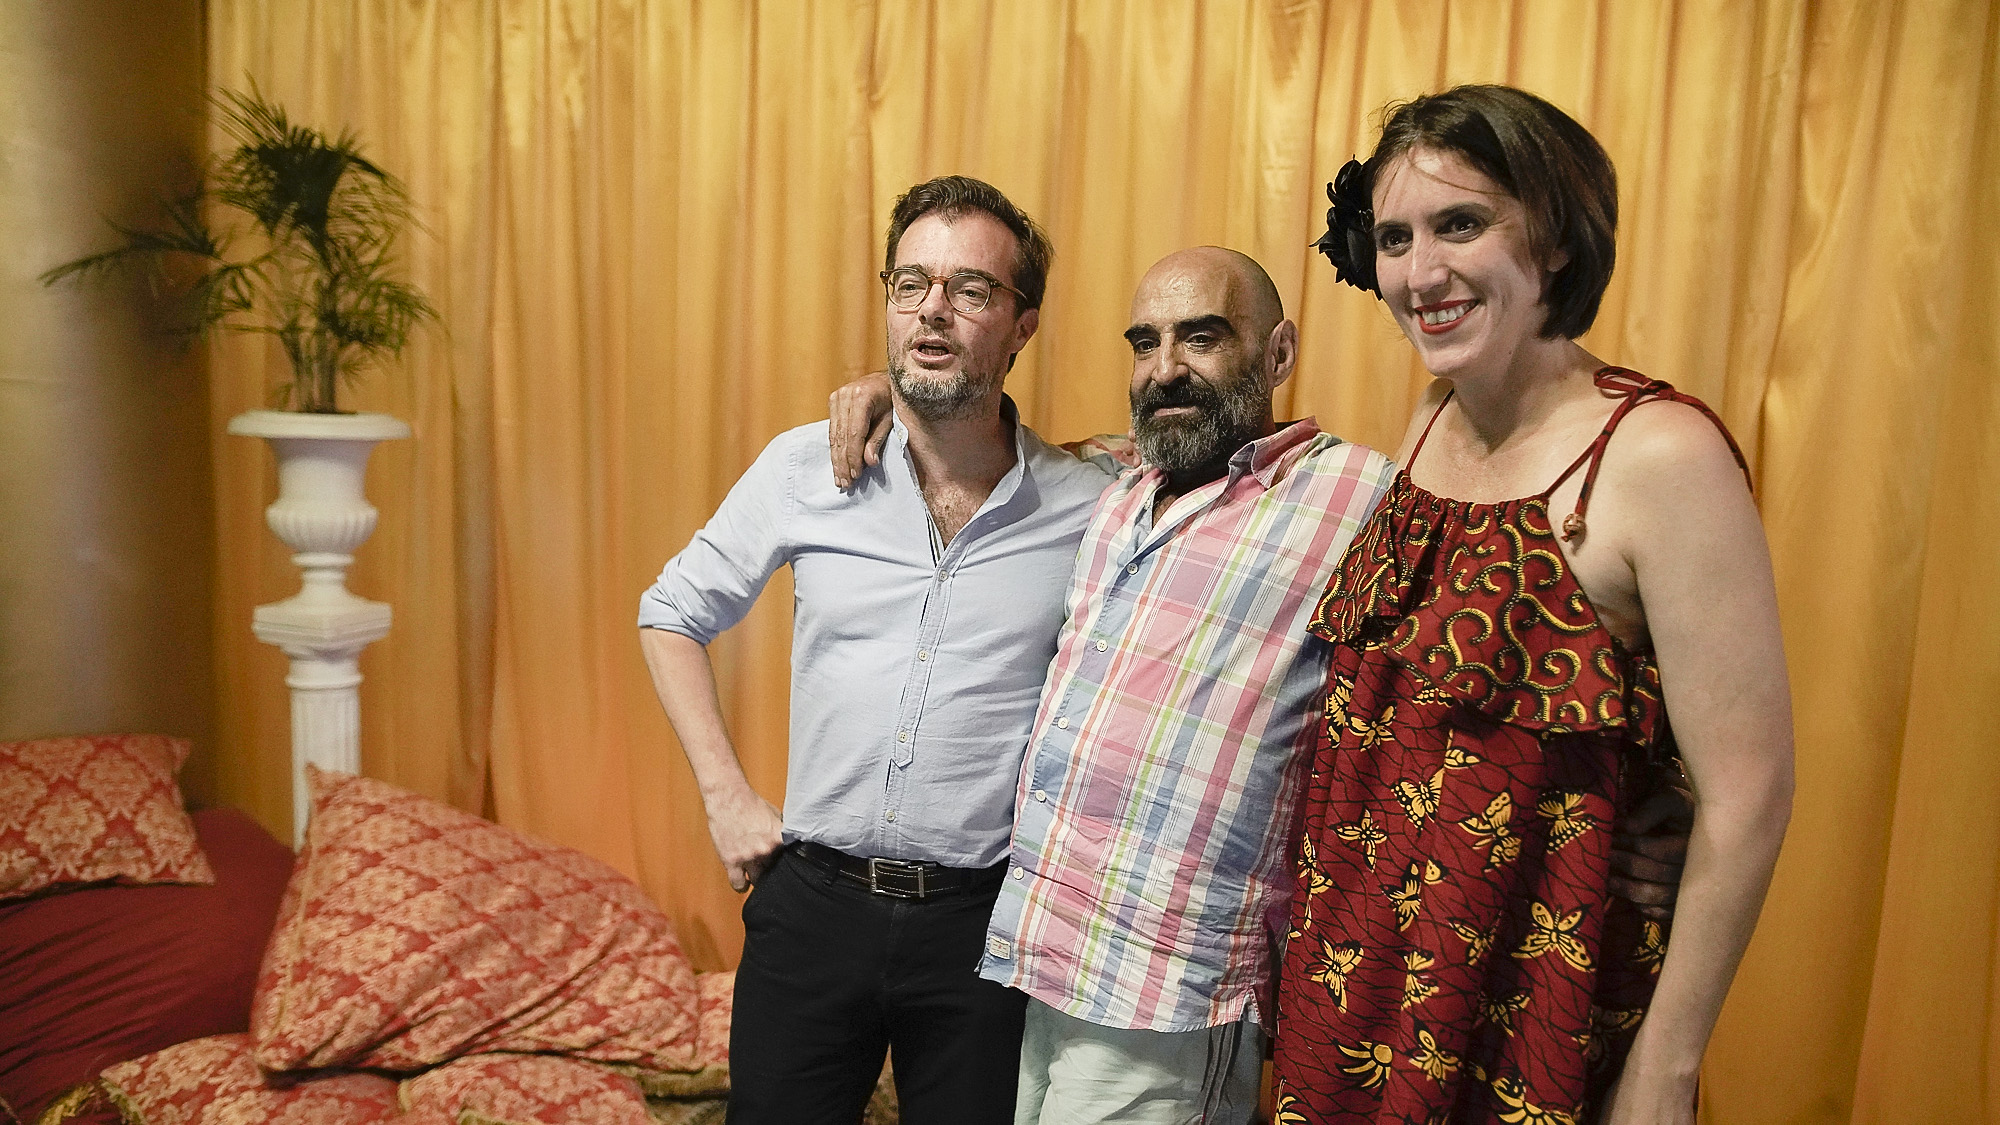 Enrique Avogadro, ministro de Cultura porteño, junto al artista Sergio de Loof y a la directora del Museo de Arte Moderno de Buenos Aires, Victoria Noorthoorn.